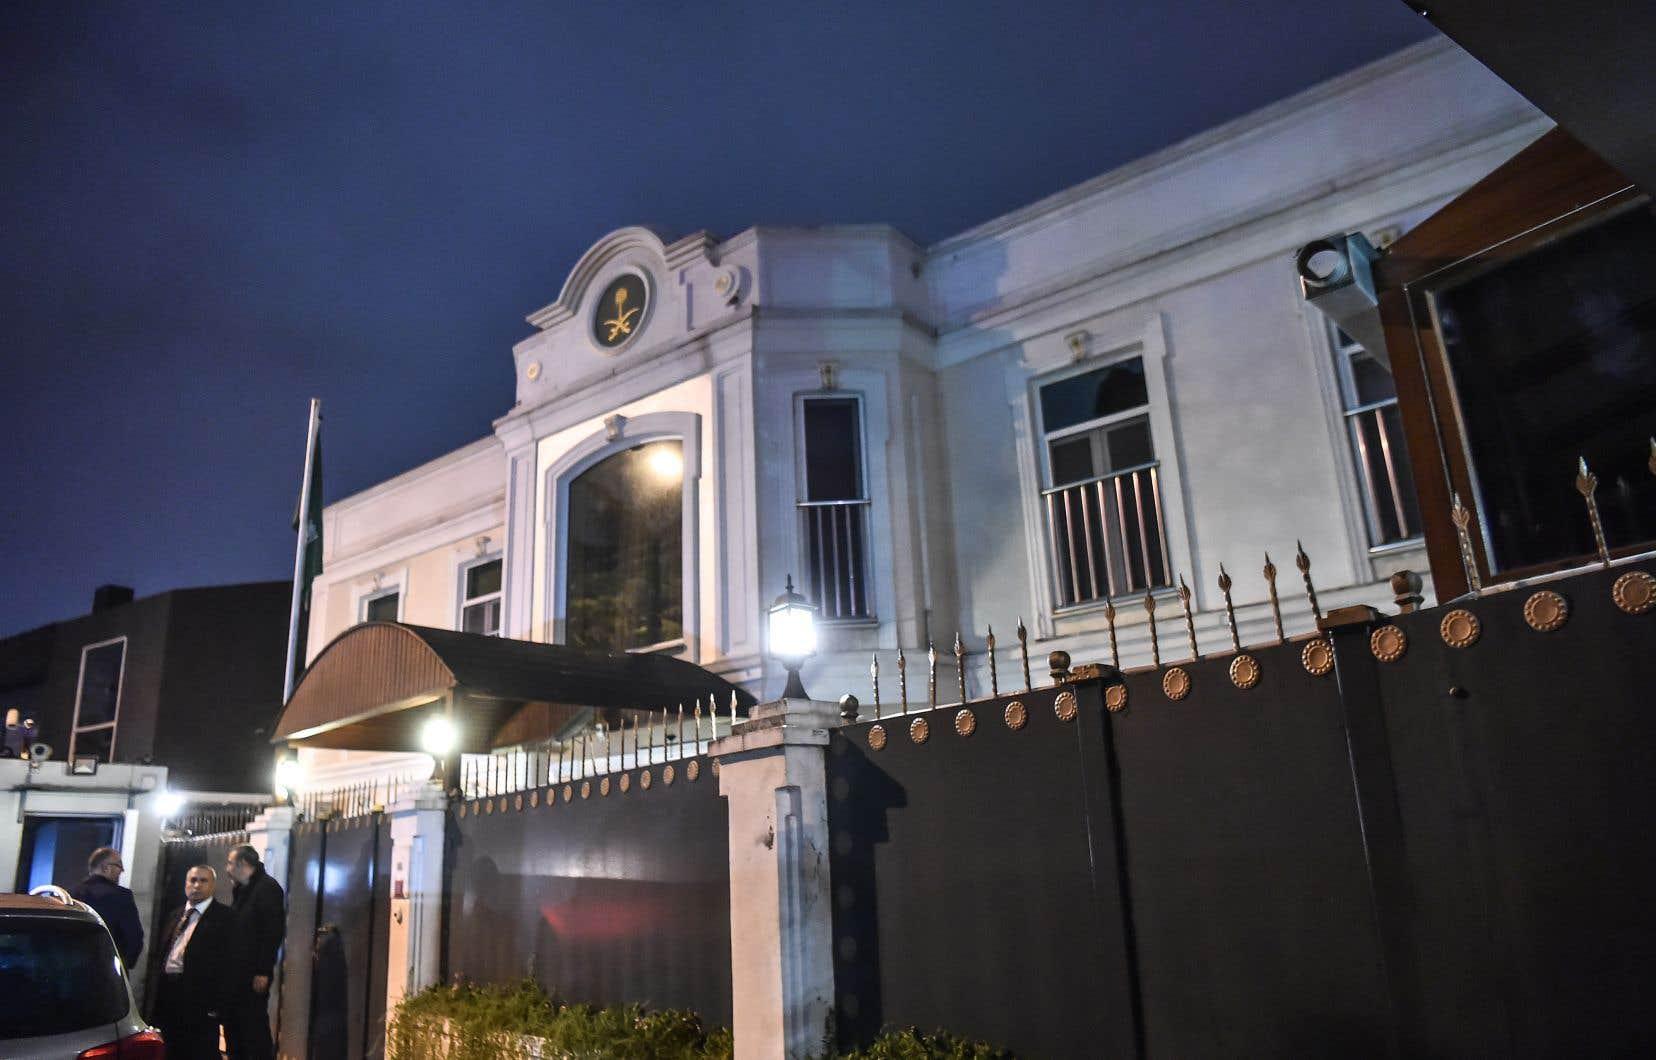 Le 2octobre, Jamal Khashoggi pénètre dans le consulat saoudien à Istanbul. Il n'en ressortira pas vivant.